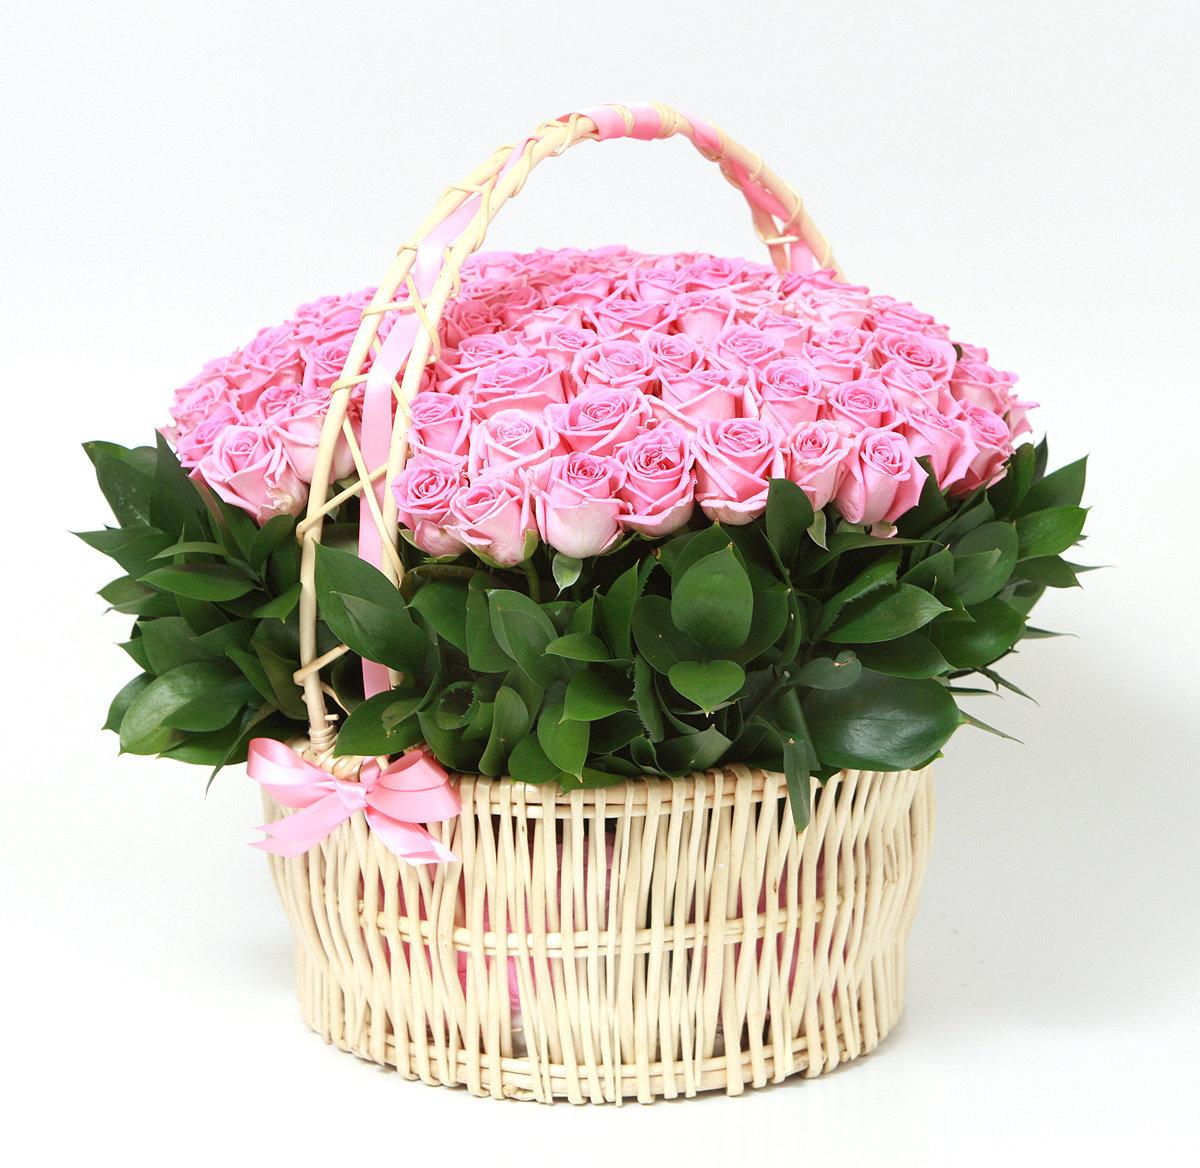 Картинки цветы в корзинках, открытки